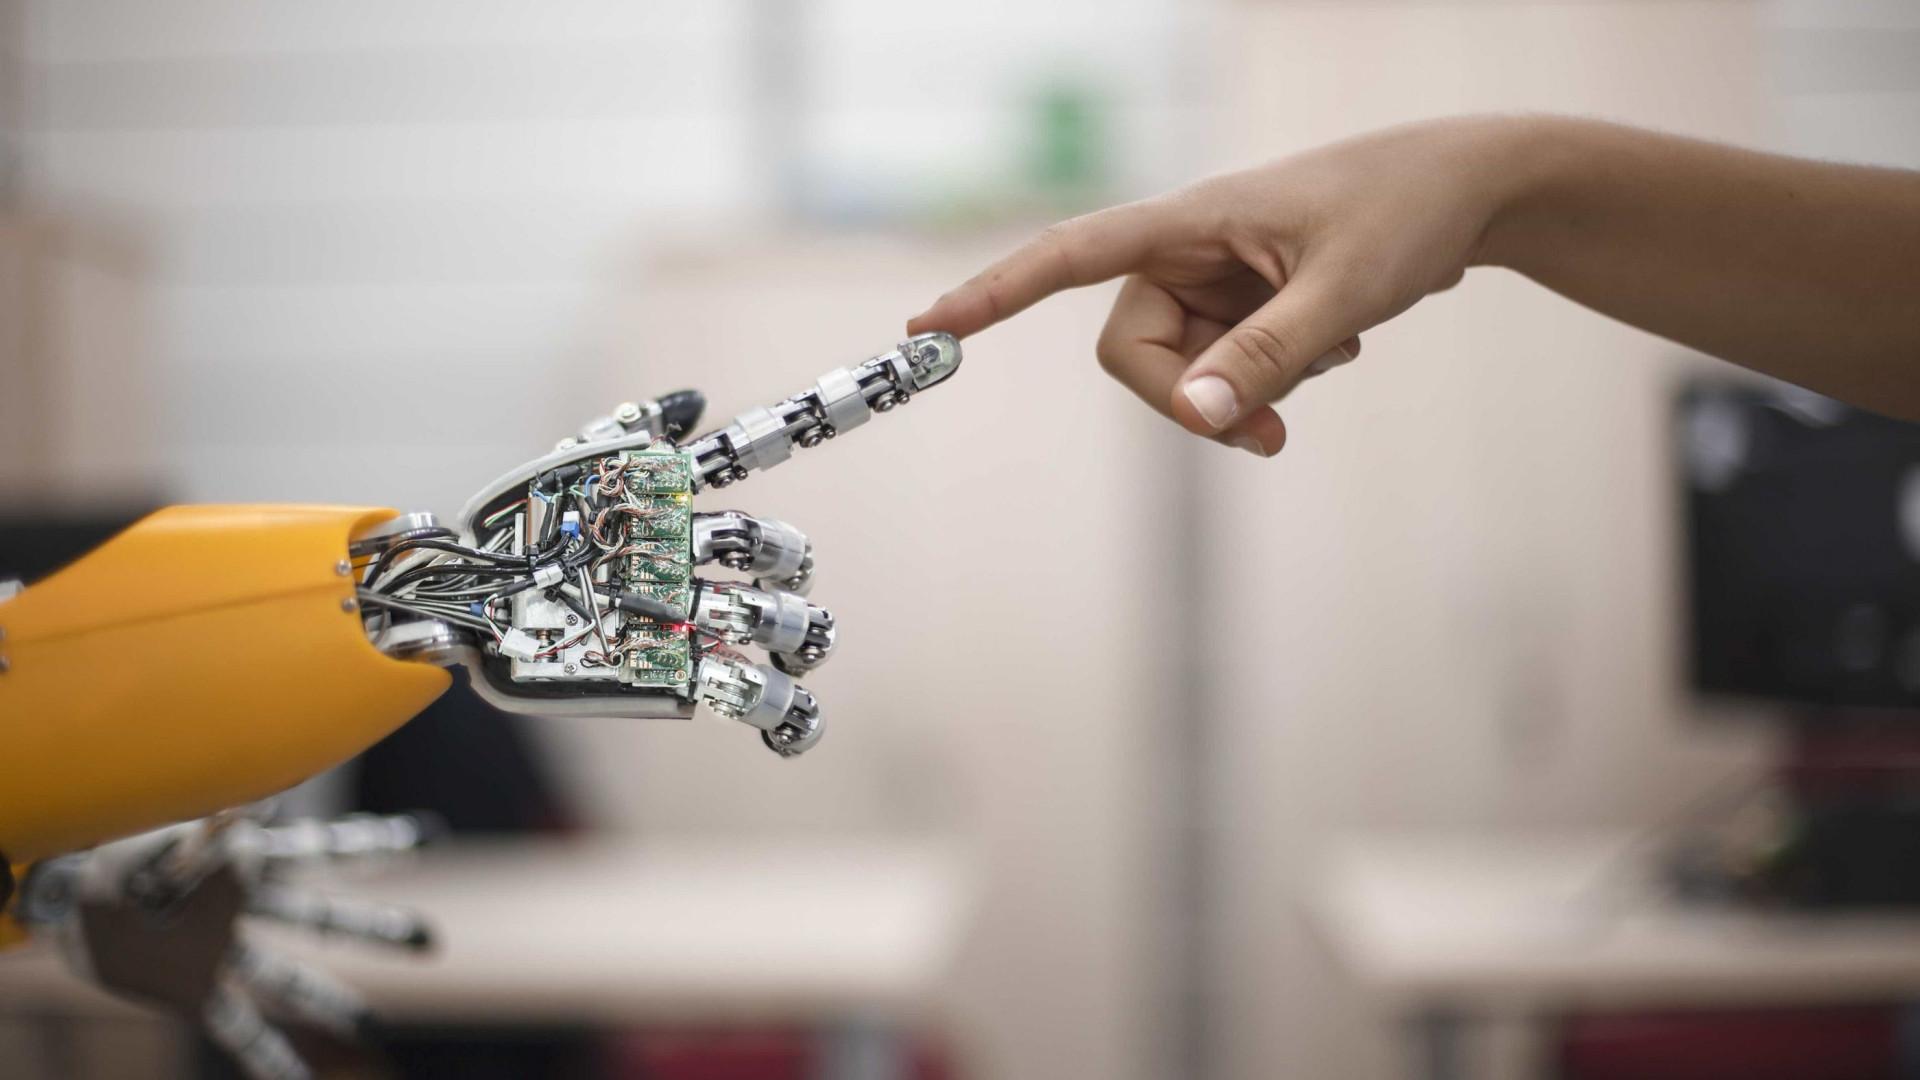 Crianças podem ser influenciadas por robôs, aponta estudo